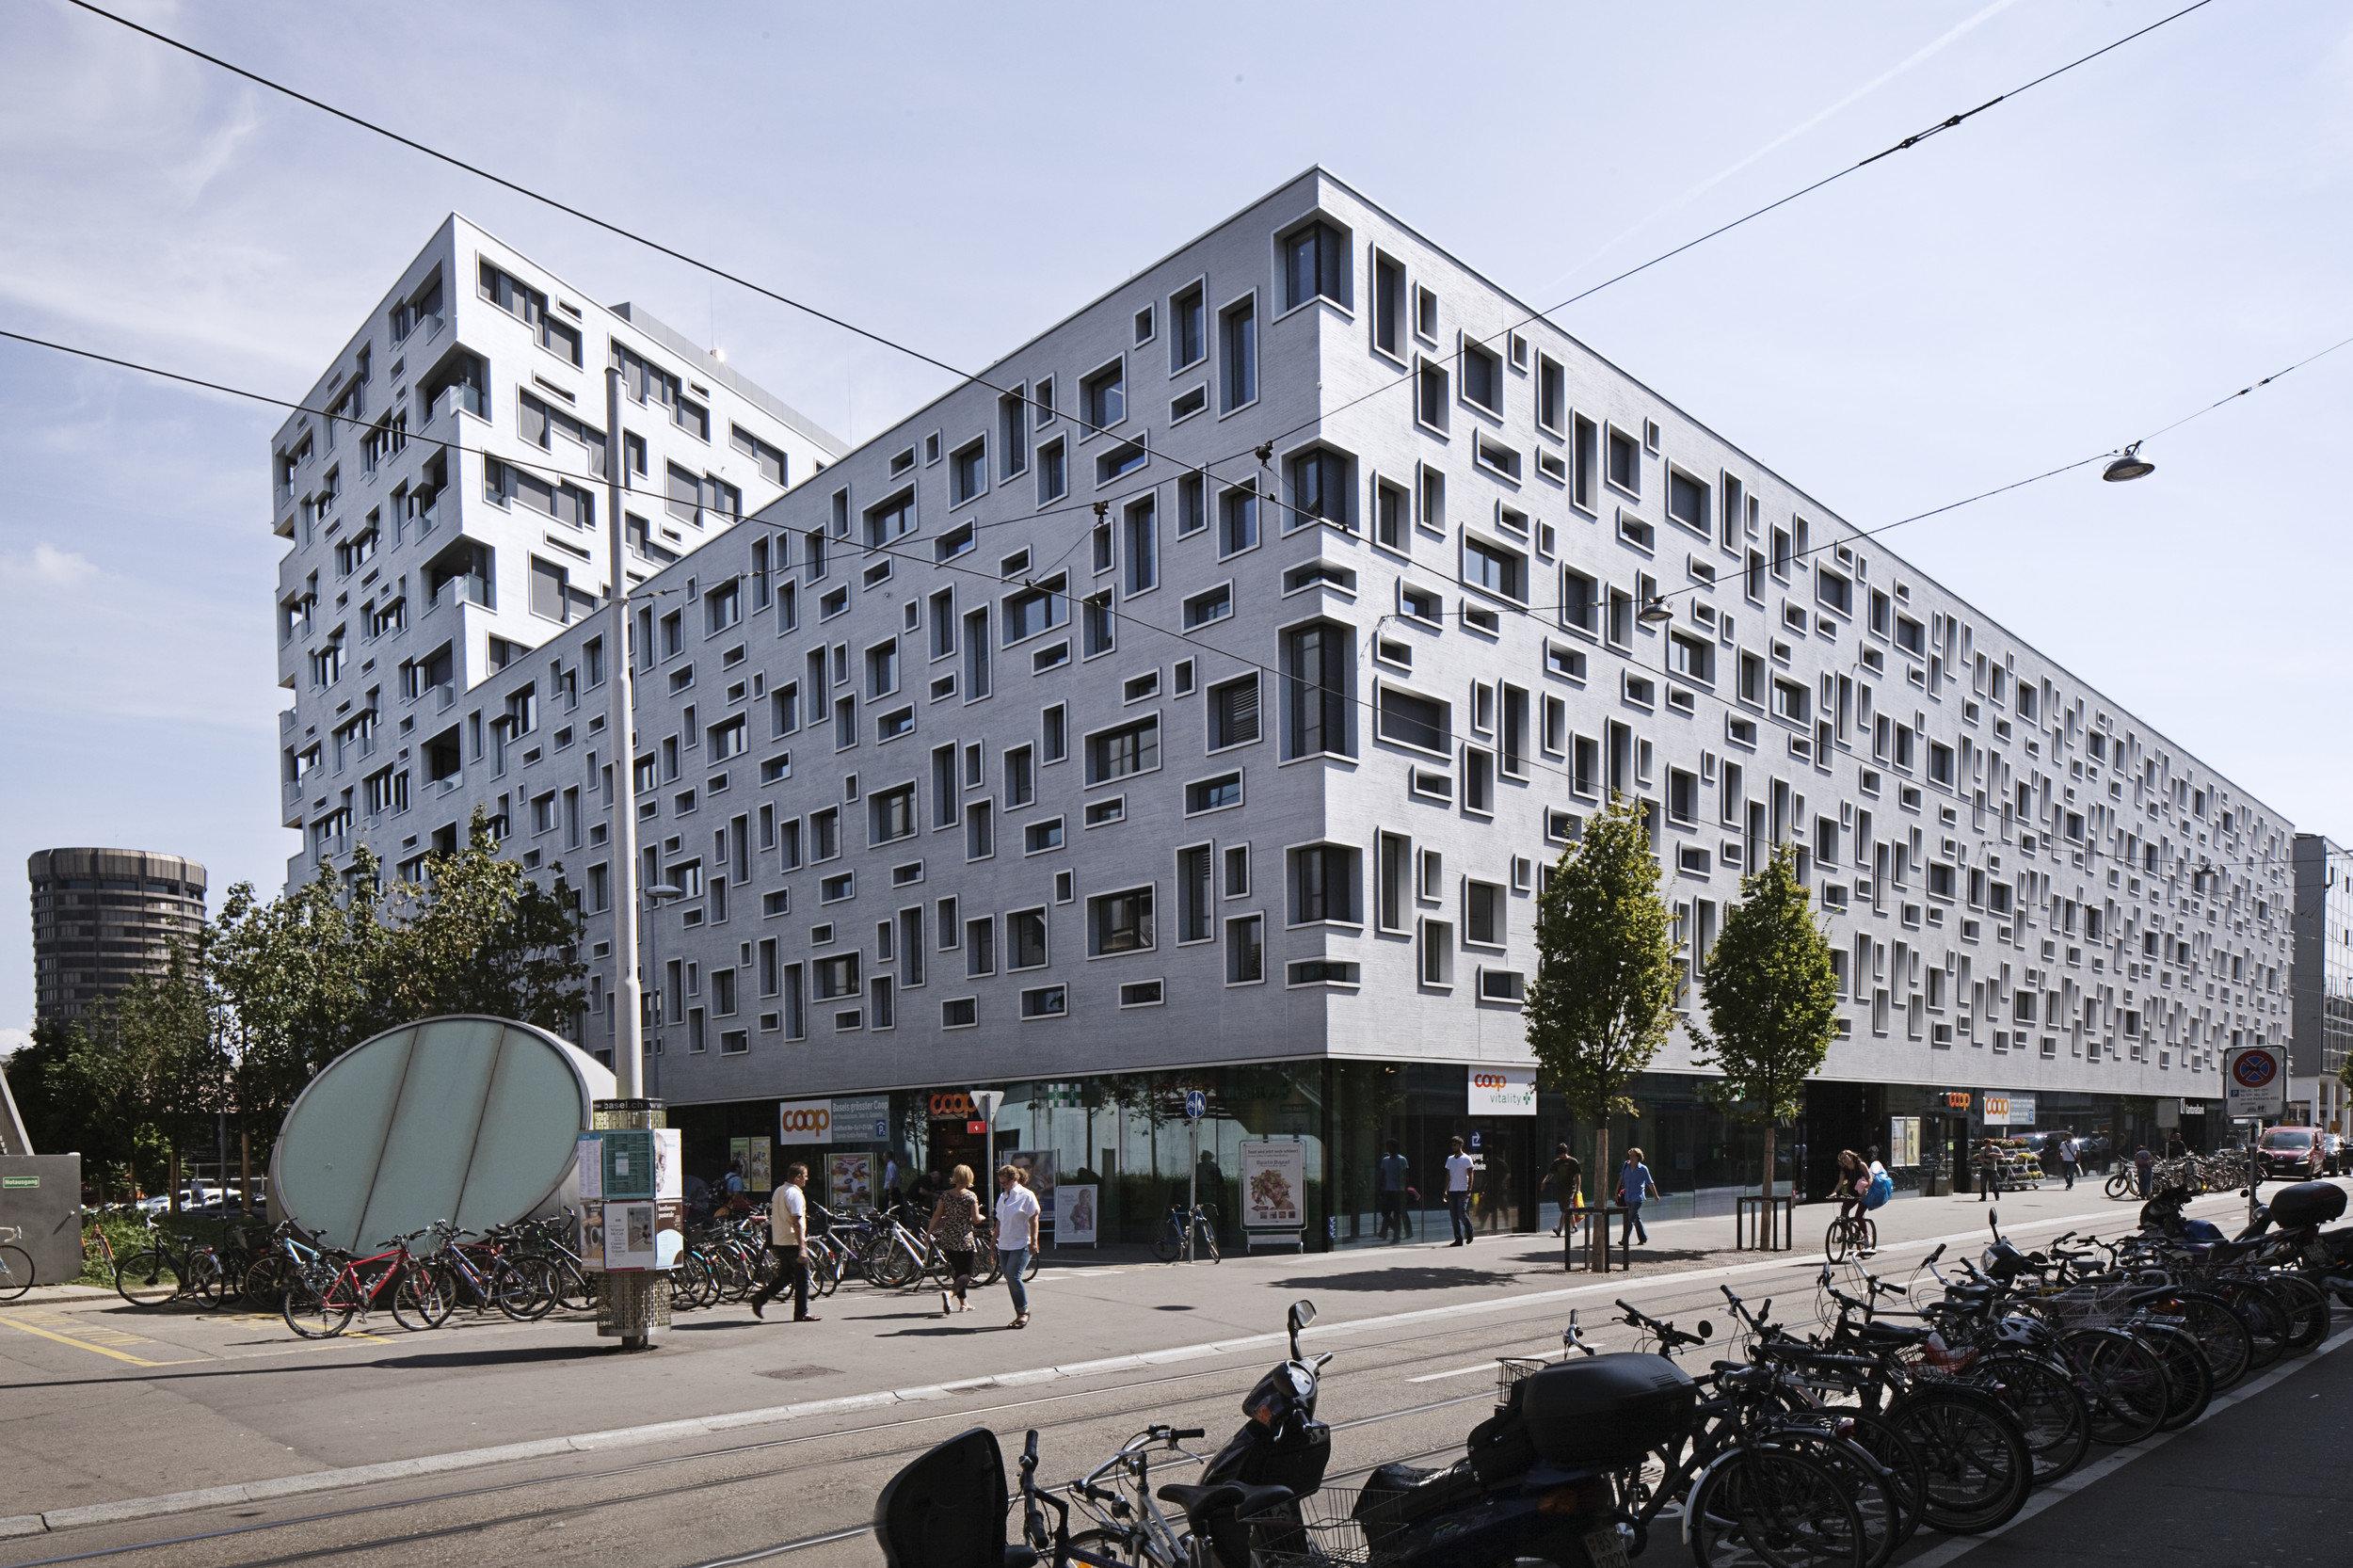 Bürogebäude in spezieller Form mit sehr vielen versch. Fenstergrössen